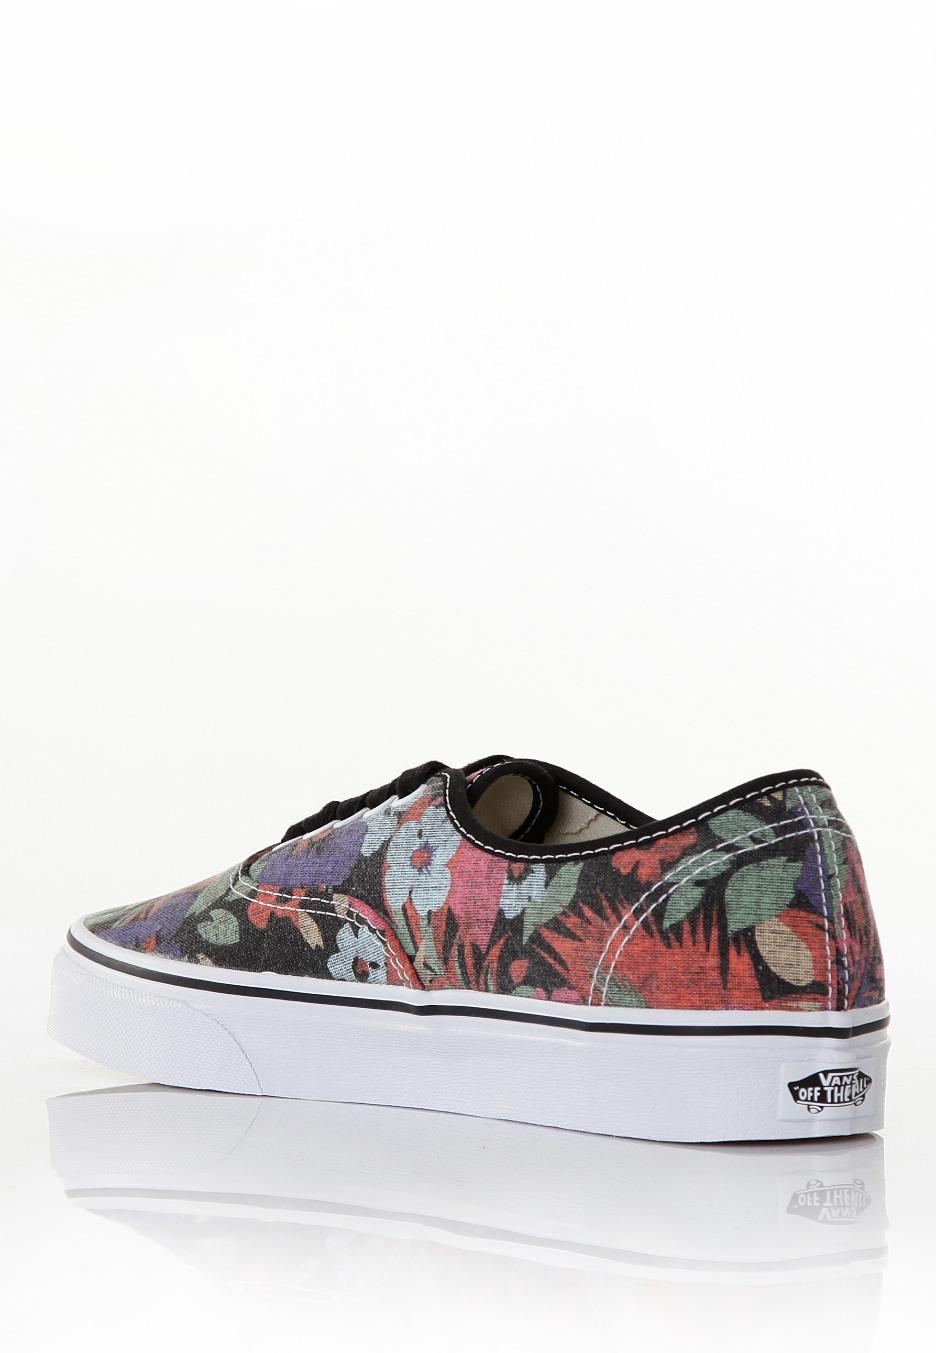 c2d86abd Vans - Authentic Van Doren Van Doren Multi/Hamptons - Girl Shoes